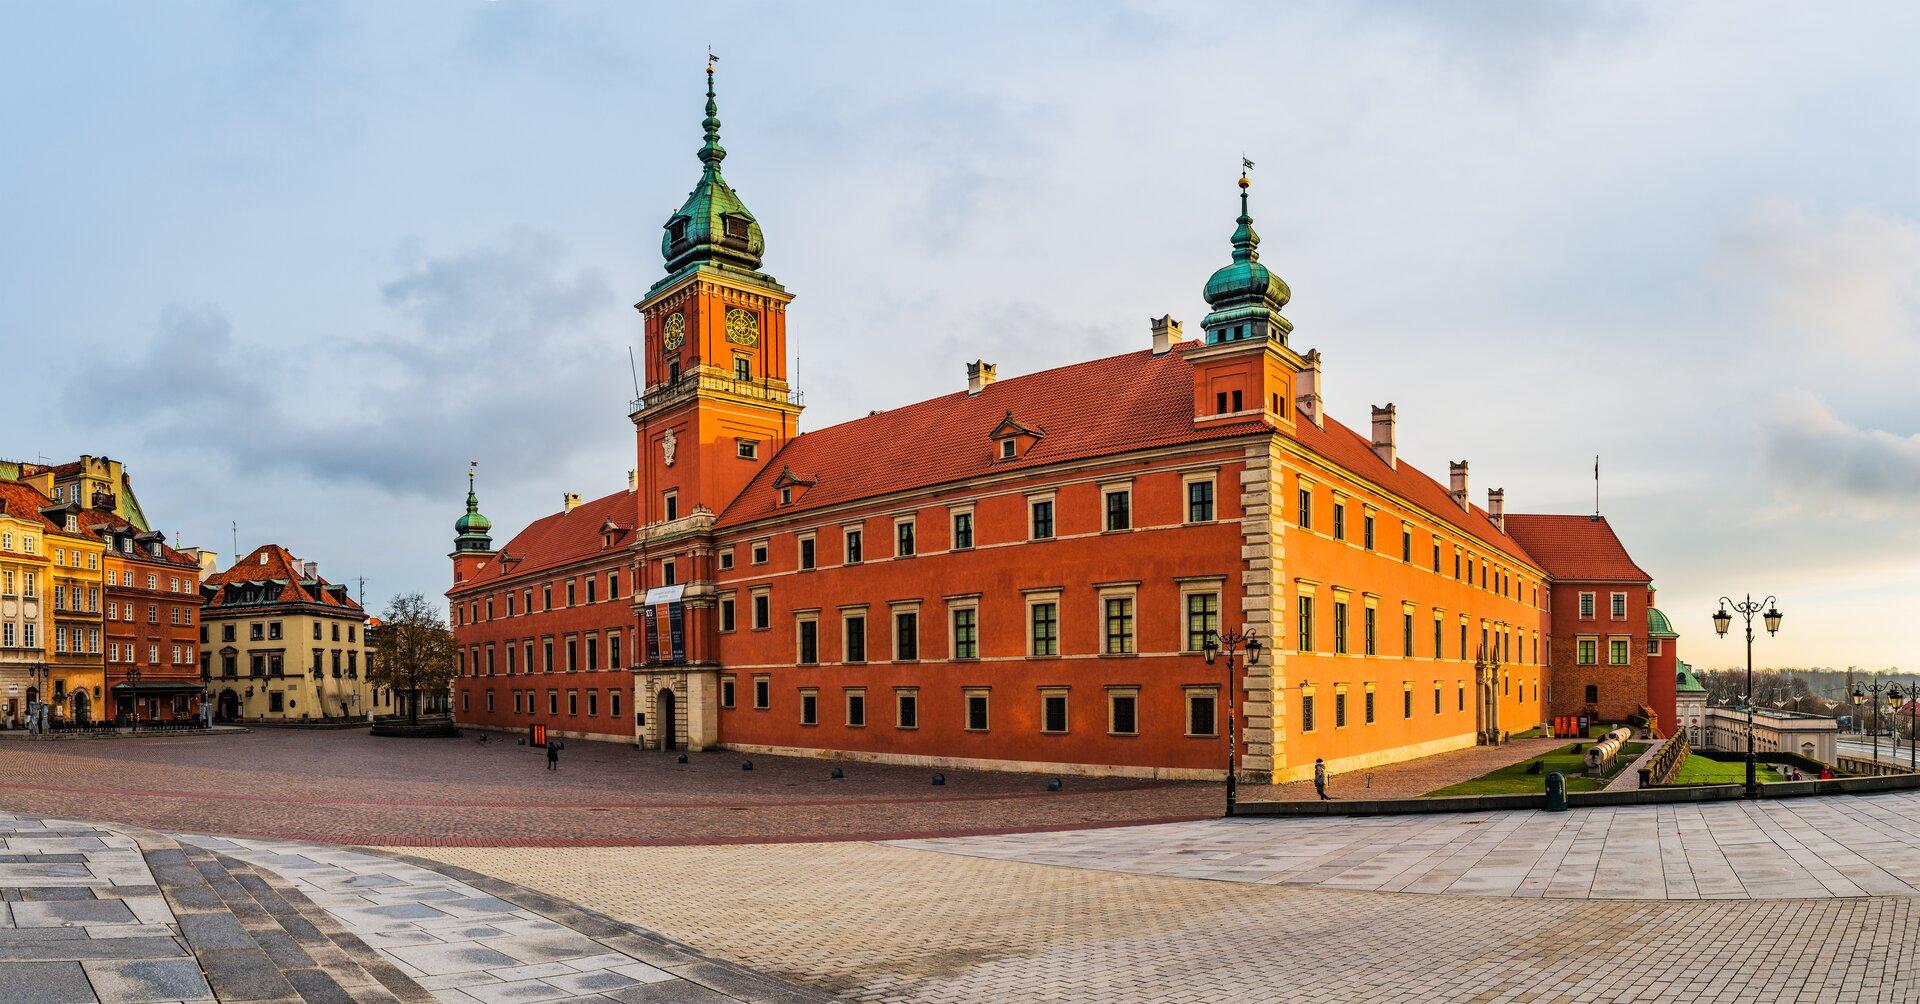 Ilustracja przedstawia zamek królewski wWarszawie. Budynek ten znajduje wcentrum fotografii. Ma pomarańczową elewację, oraz wysoką wieżę zegarową. Obok budynku są widoczne kamienice oraz chodnik.